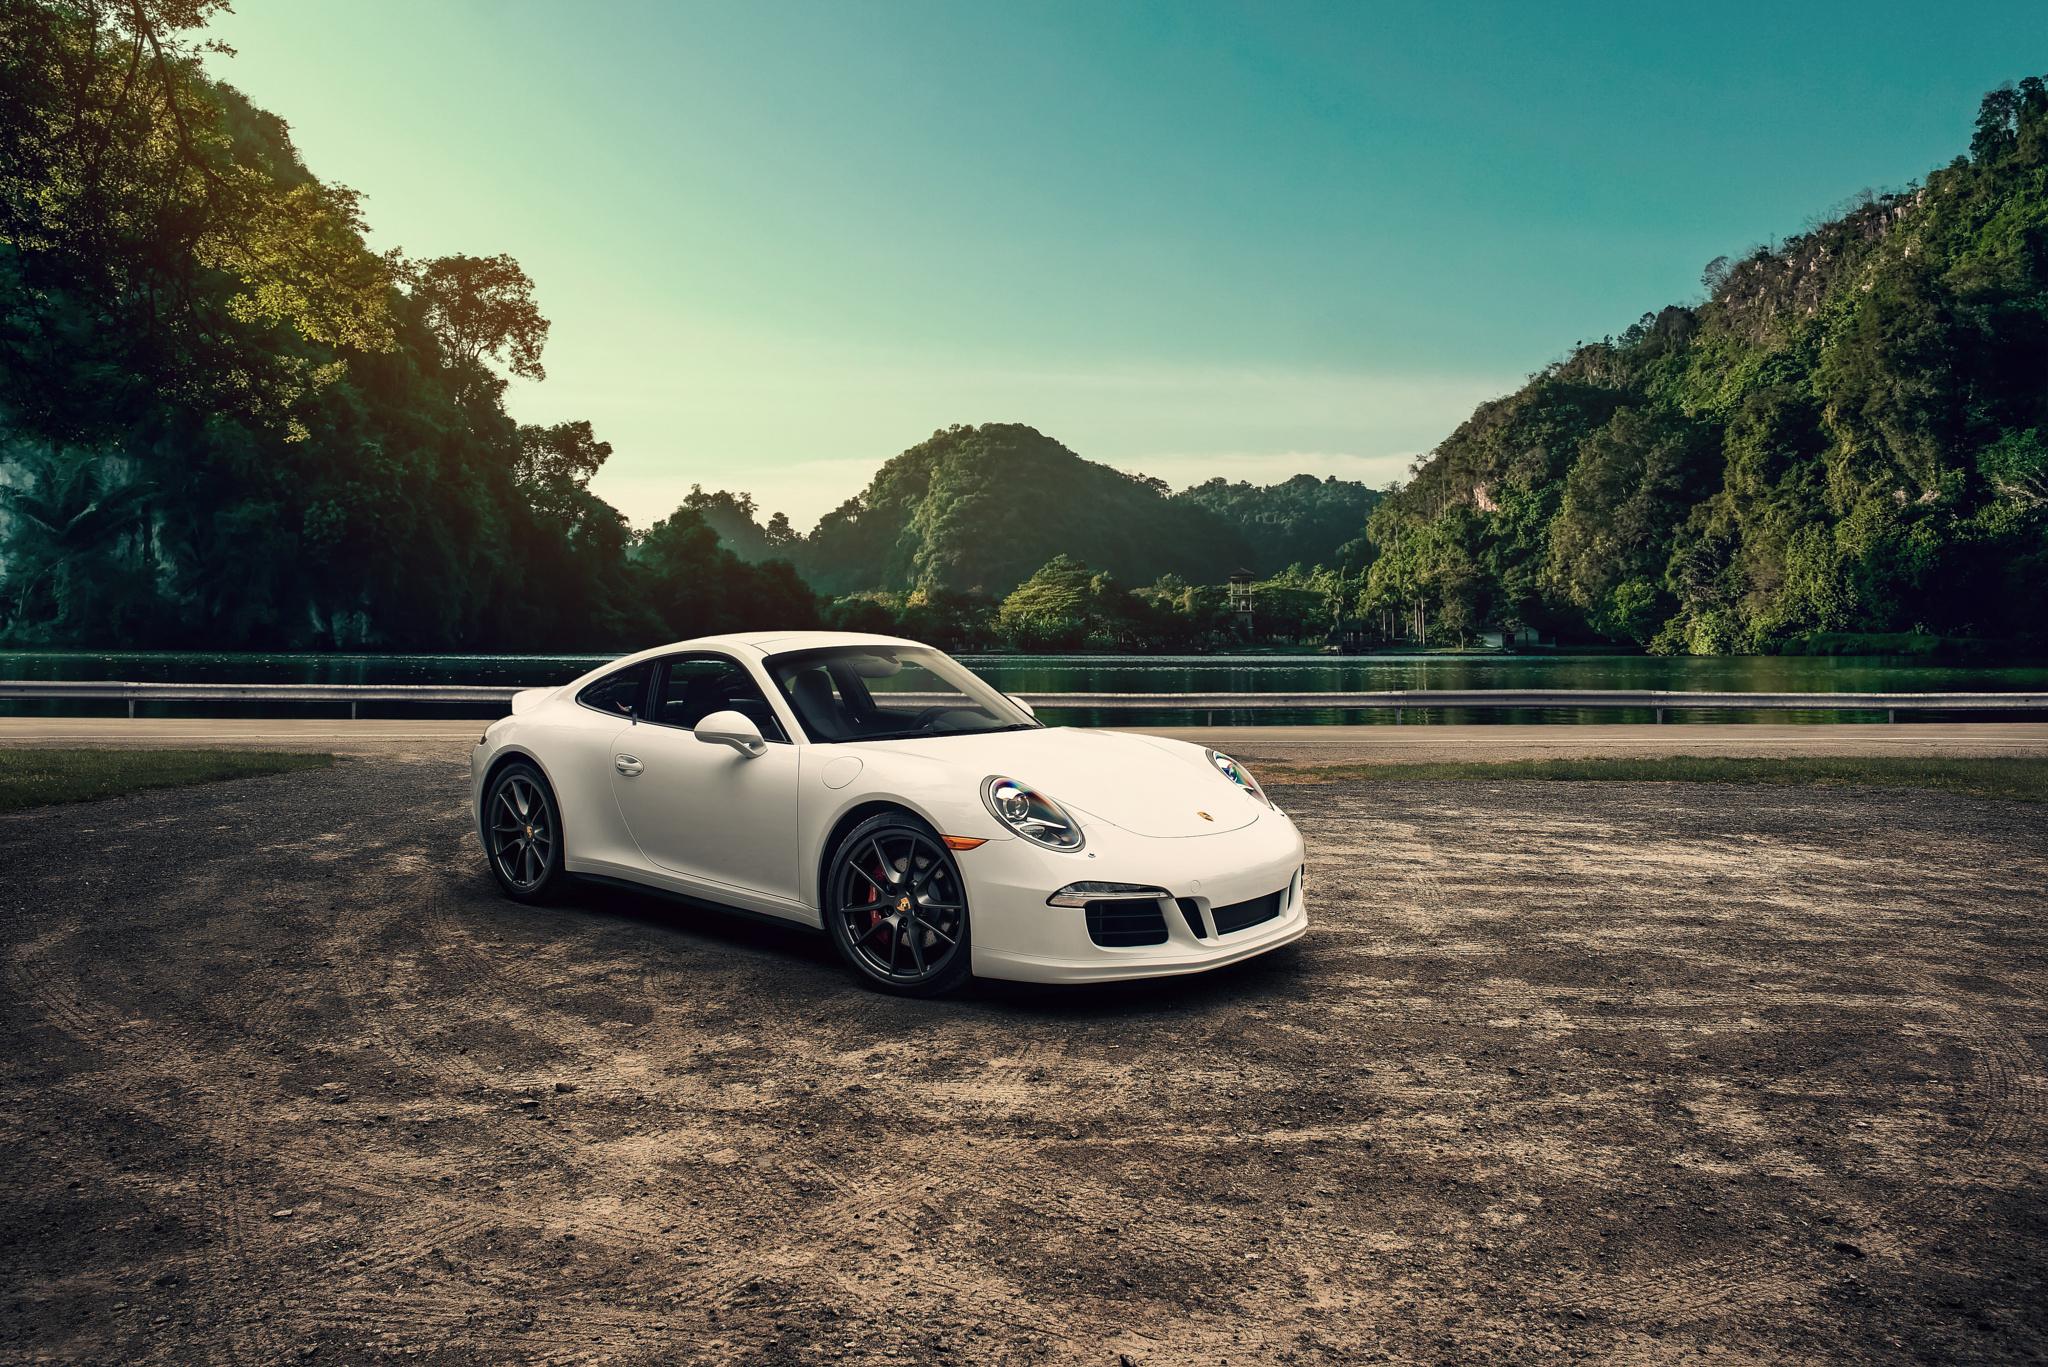 95565 Заставки и Обои Порш (Porsche) на телефон. Скачать Порш (Porsche), Тачки (Cars), Вид Сбоку, 911, Carrera, 4S картинки бесплатно